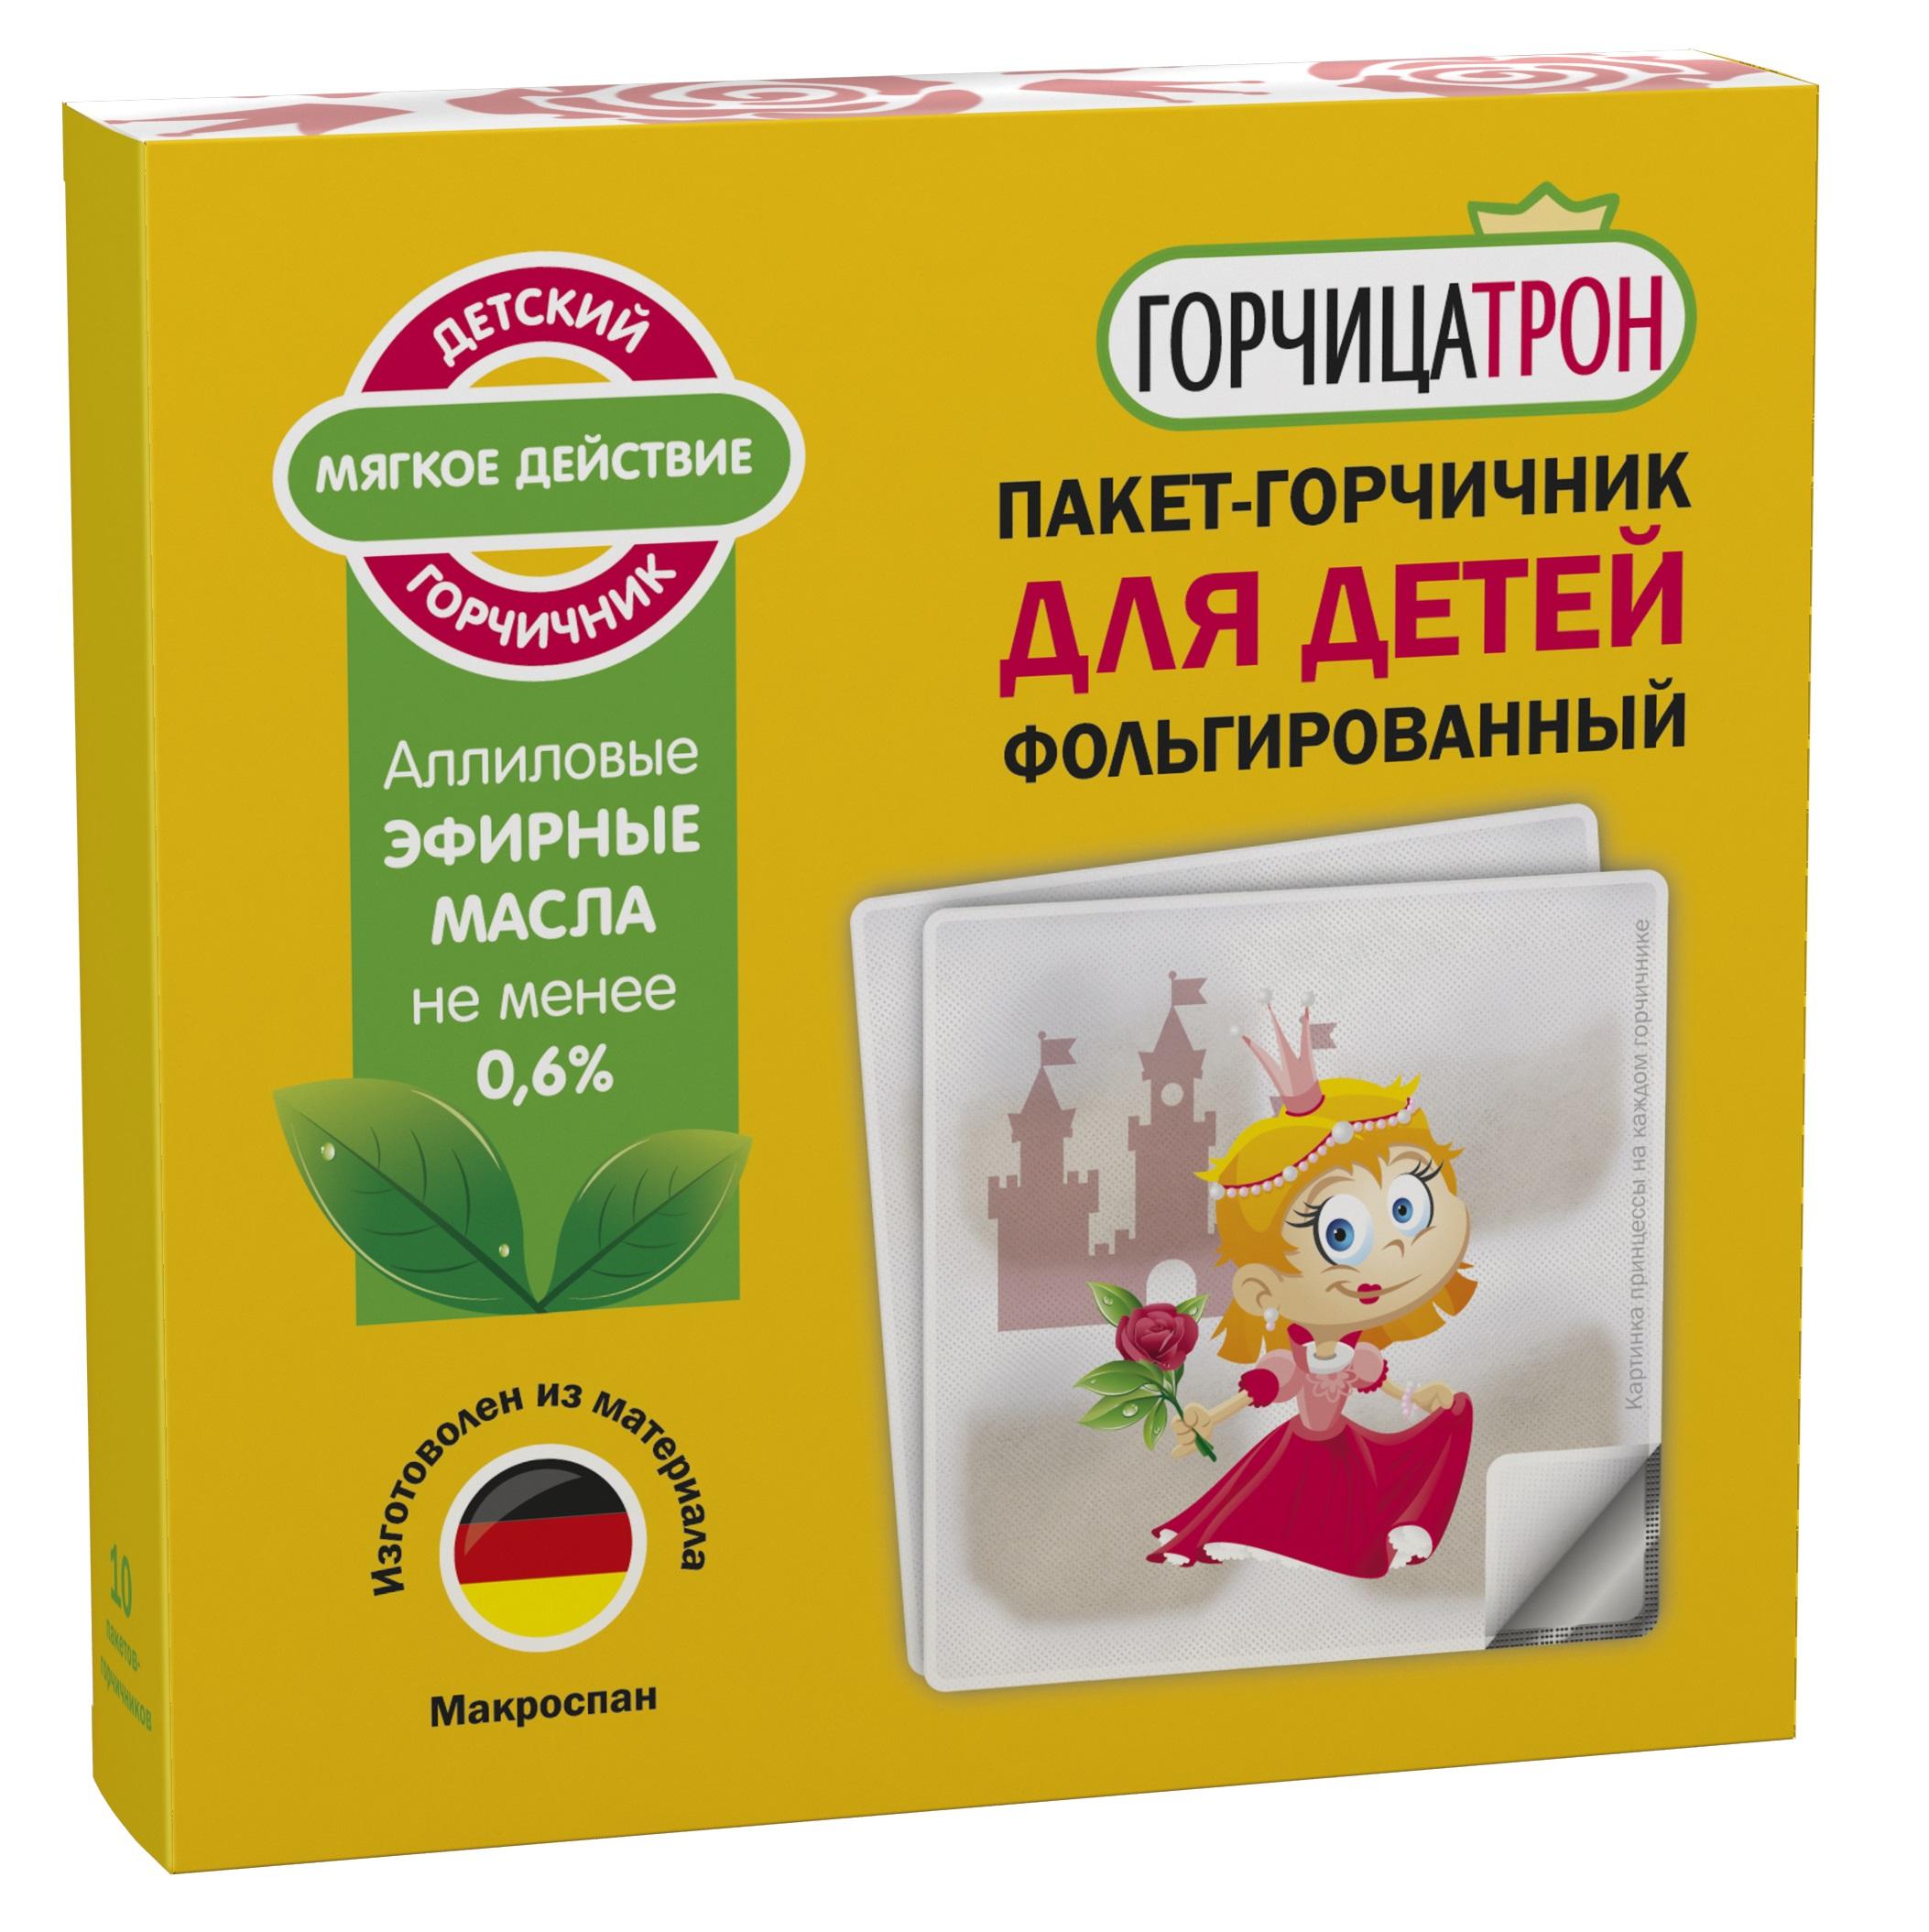 Горчицатрон пакет-горчичник фольгир. для детей Принцесса 1,5 г 10 шт.